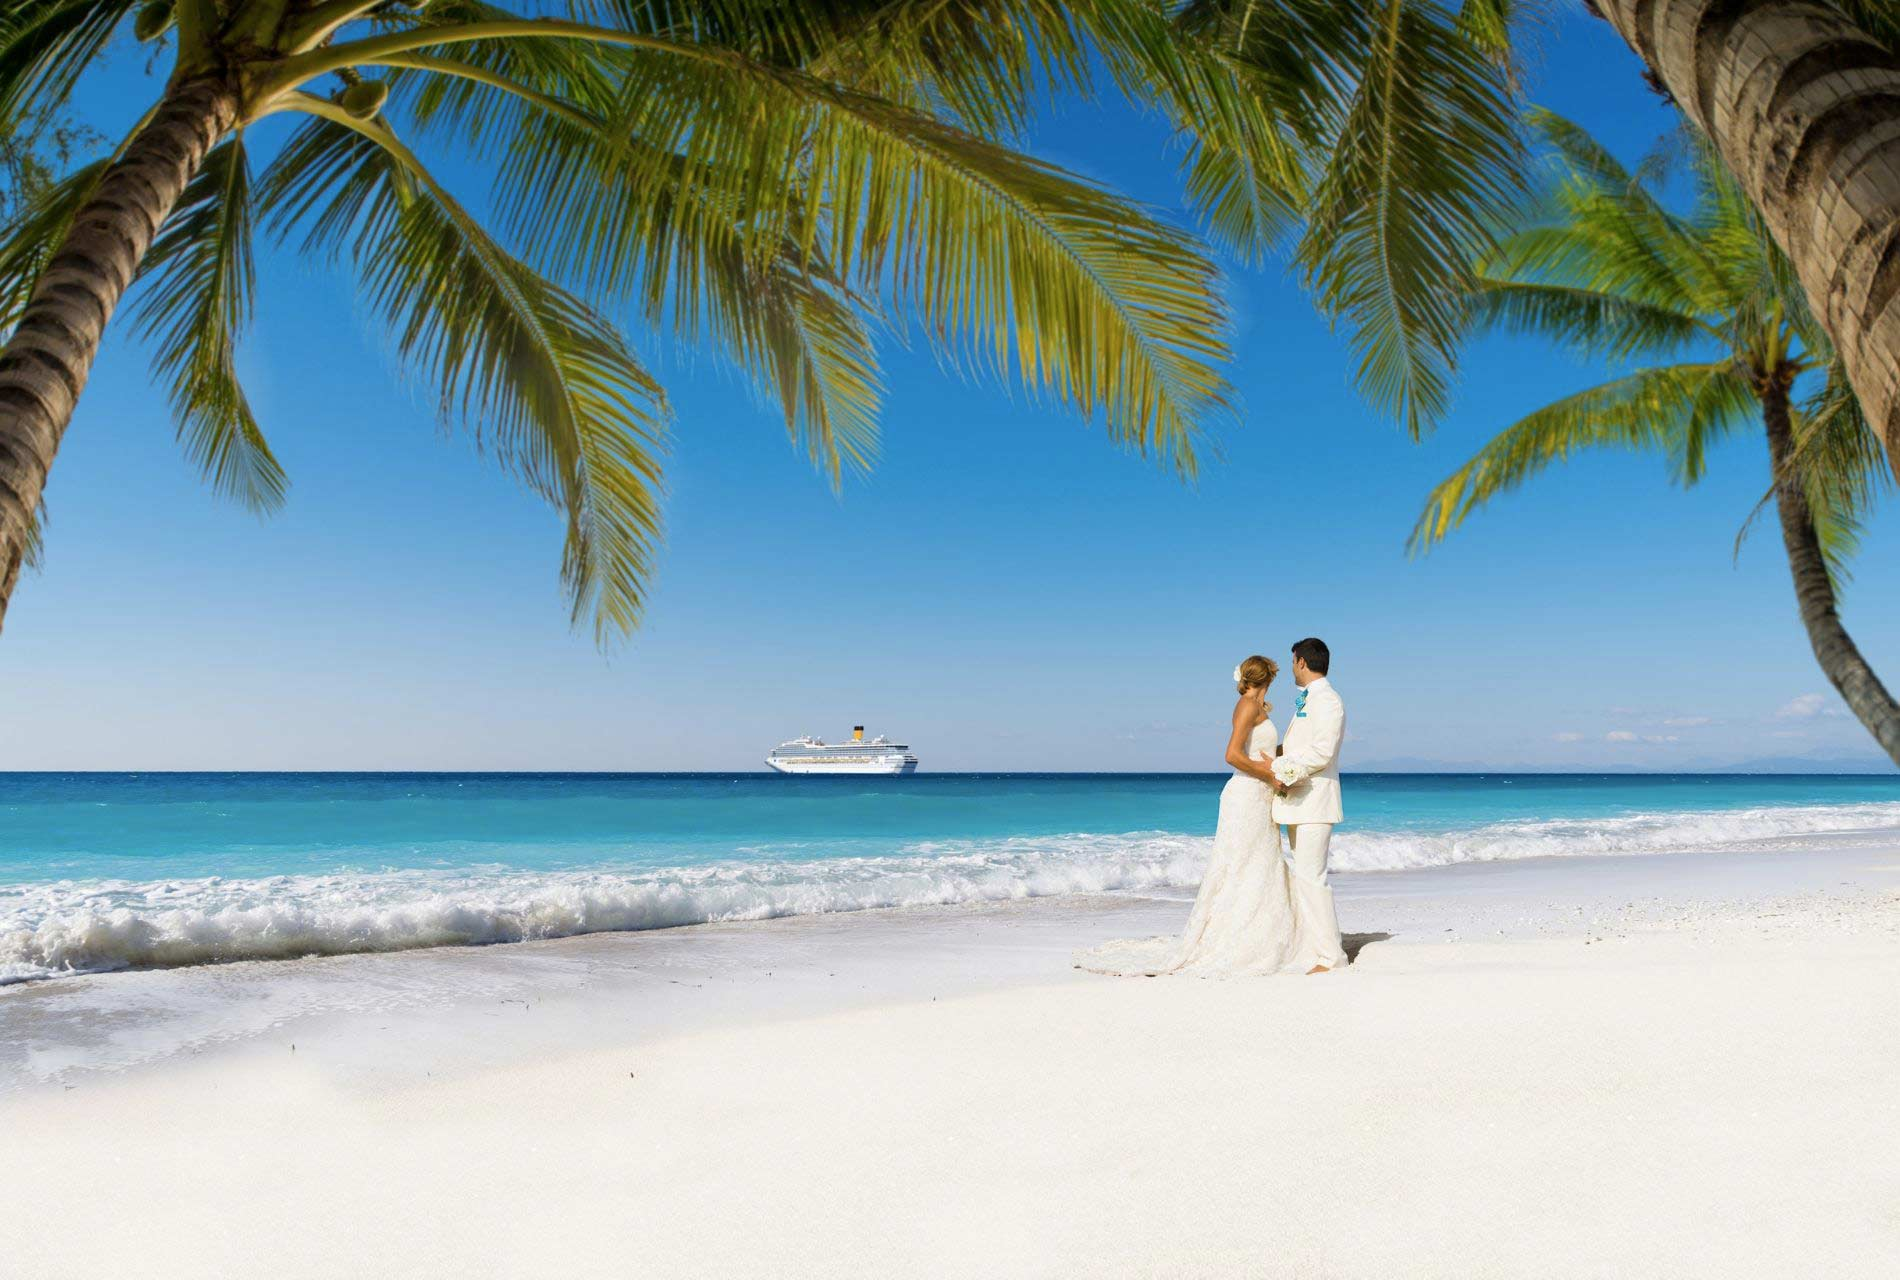 Promozioni crociere viaggi di nozze